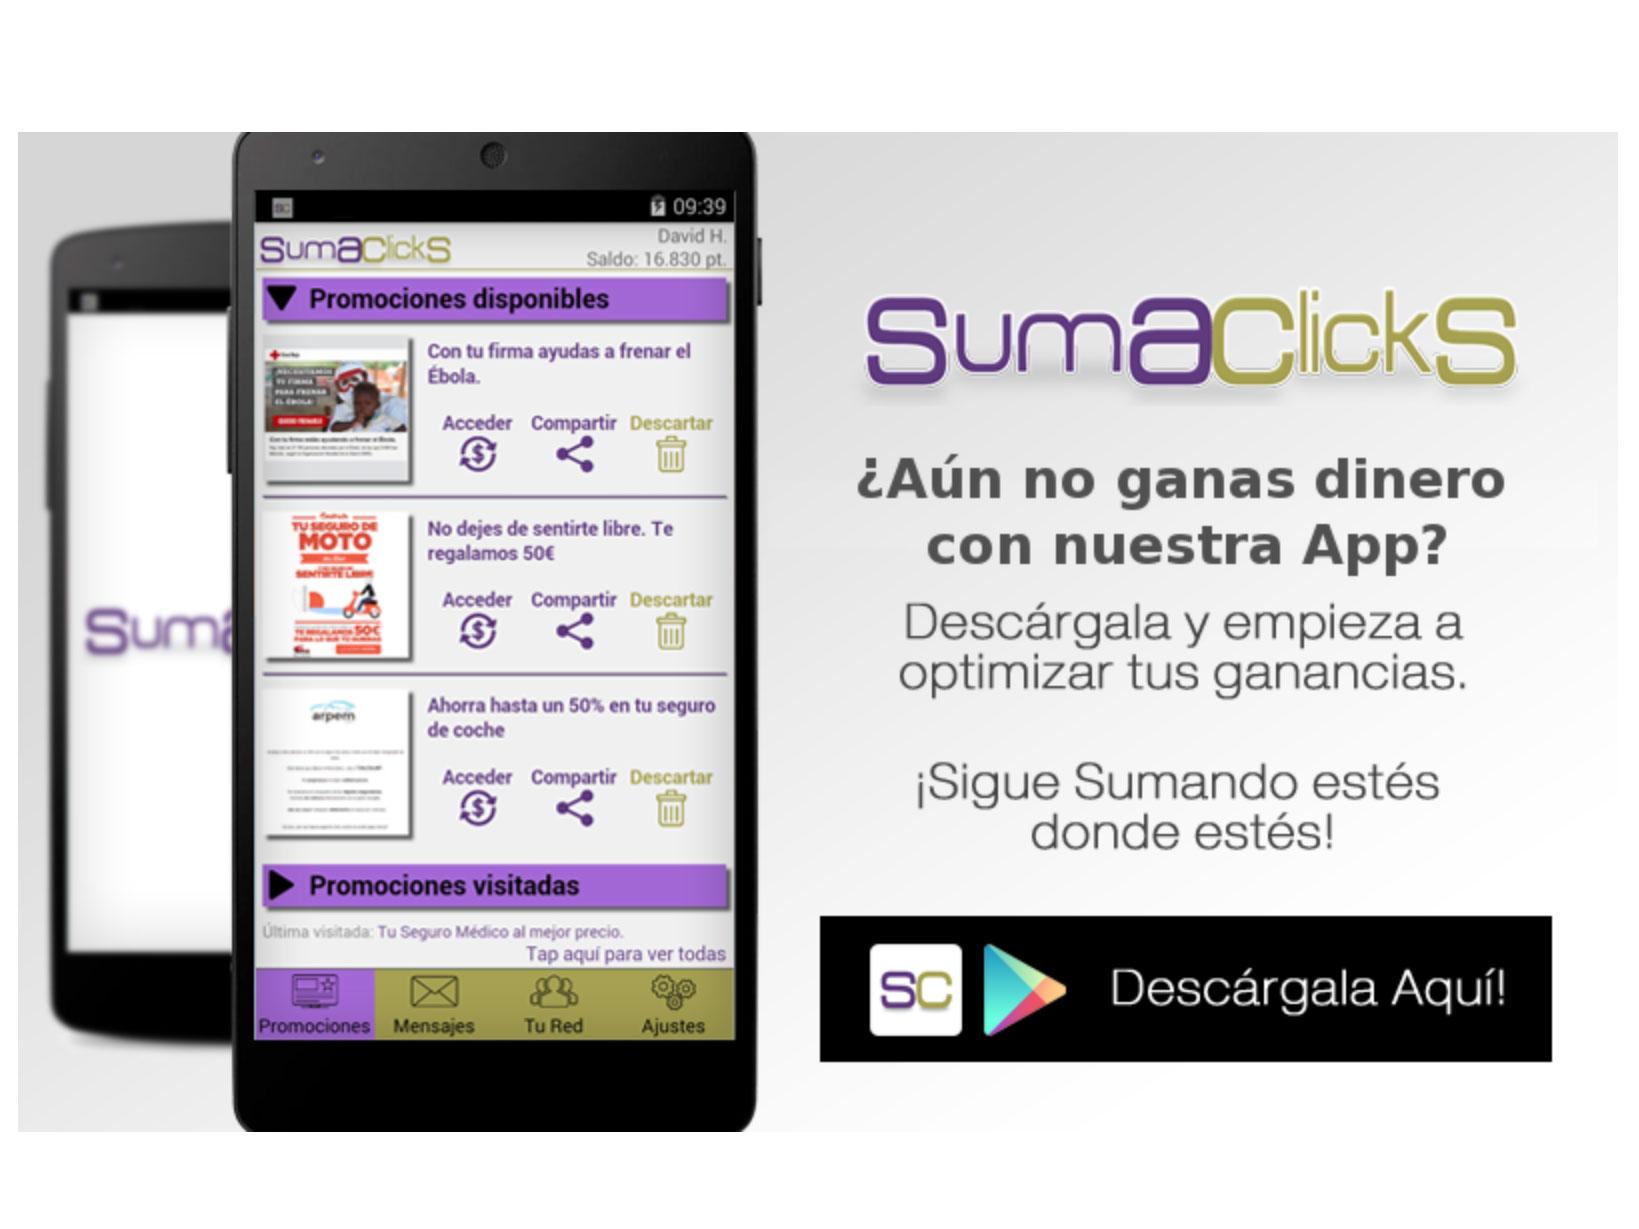 sumaclicks